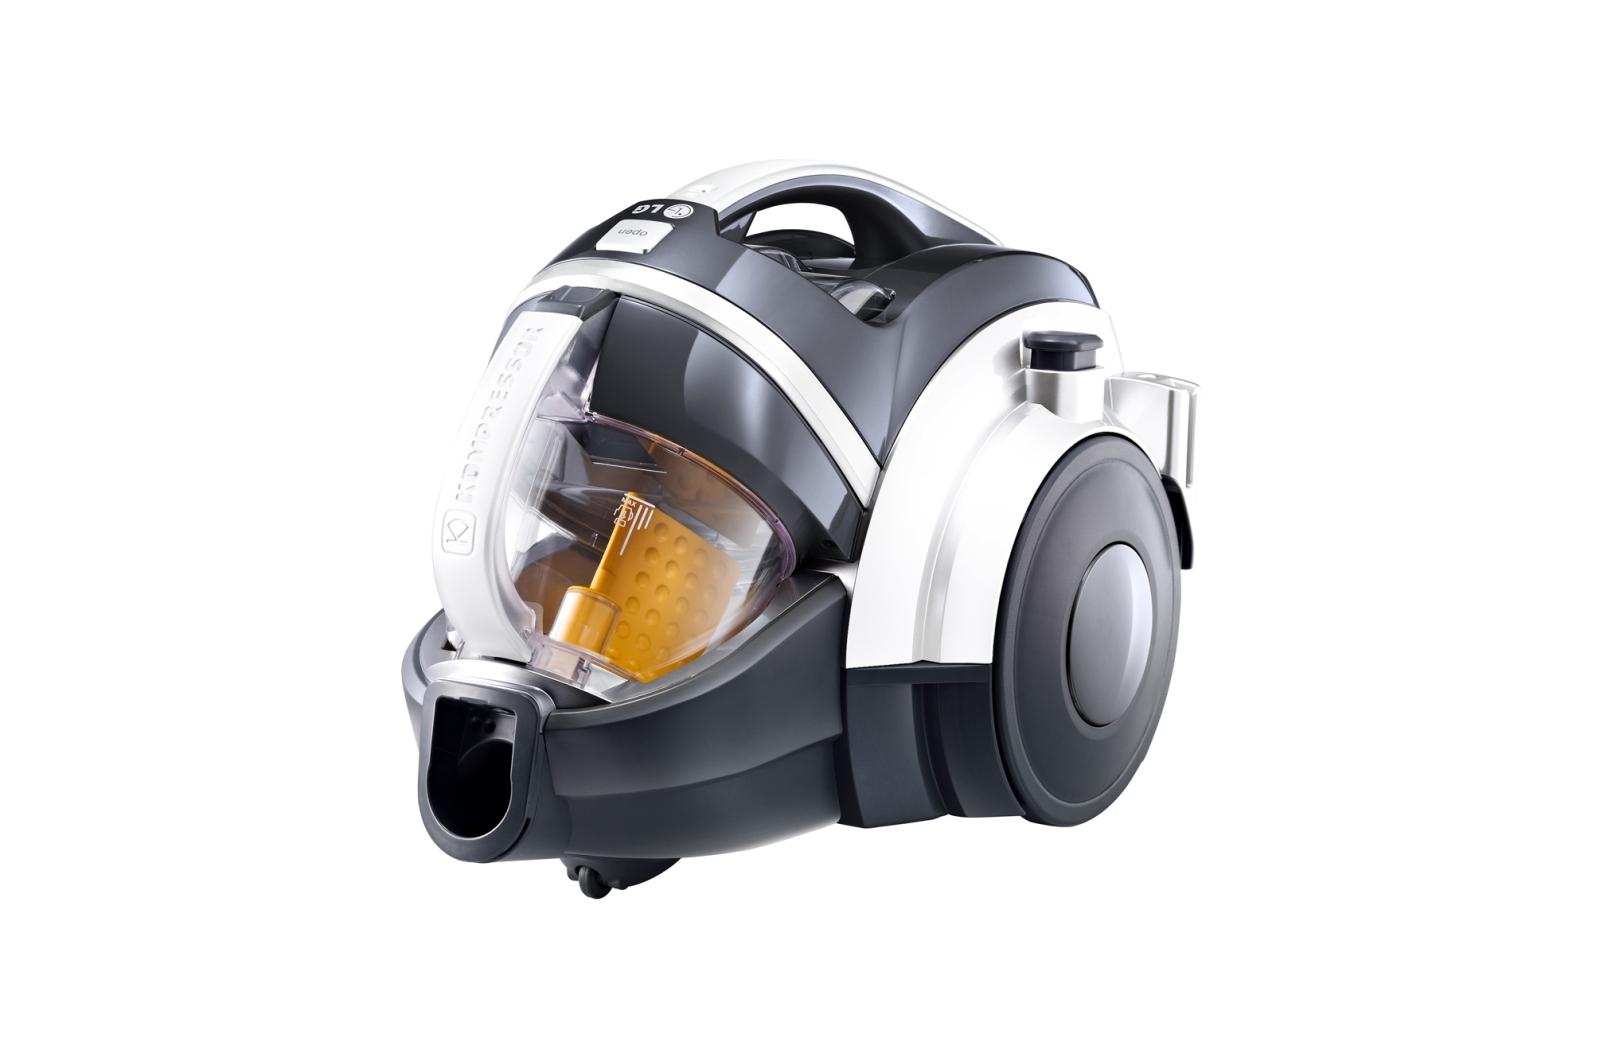 Dyson lg kompressor пылесос дайсон купить в минске